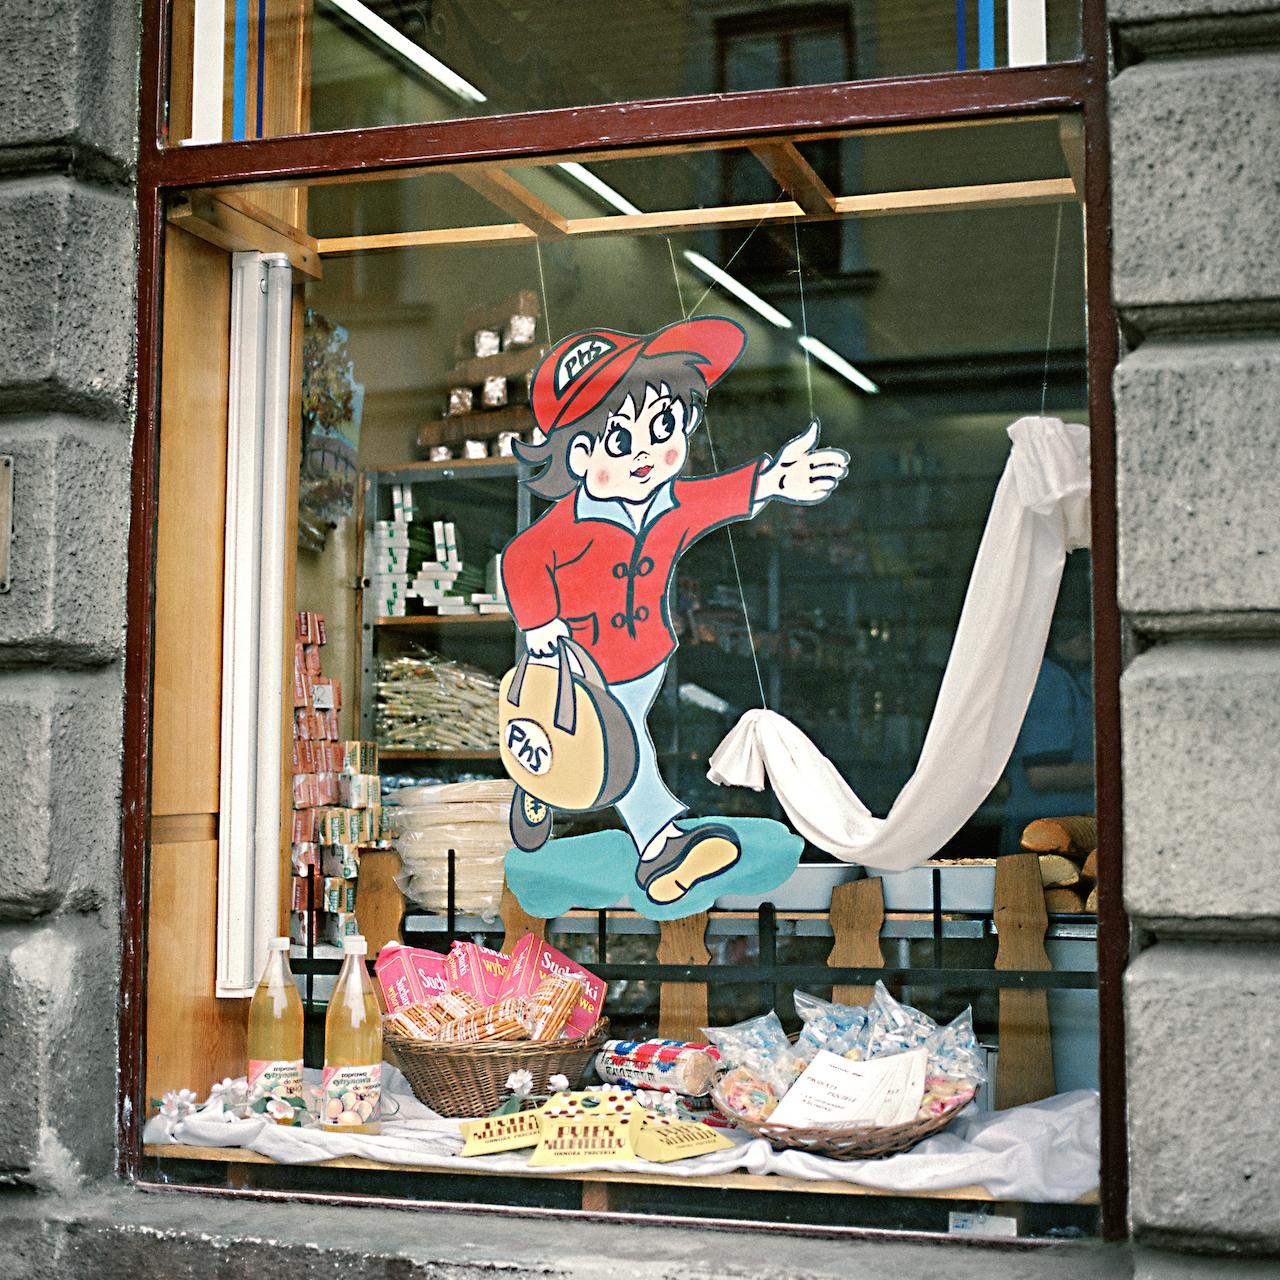 Krakow, Poland, 1989 (©2015 David Hlynsky)